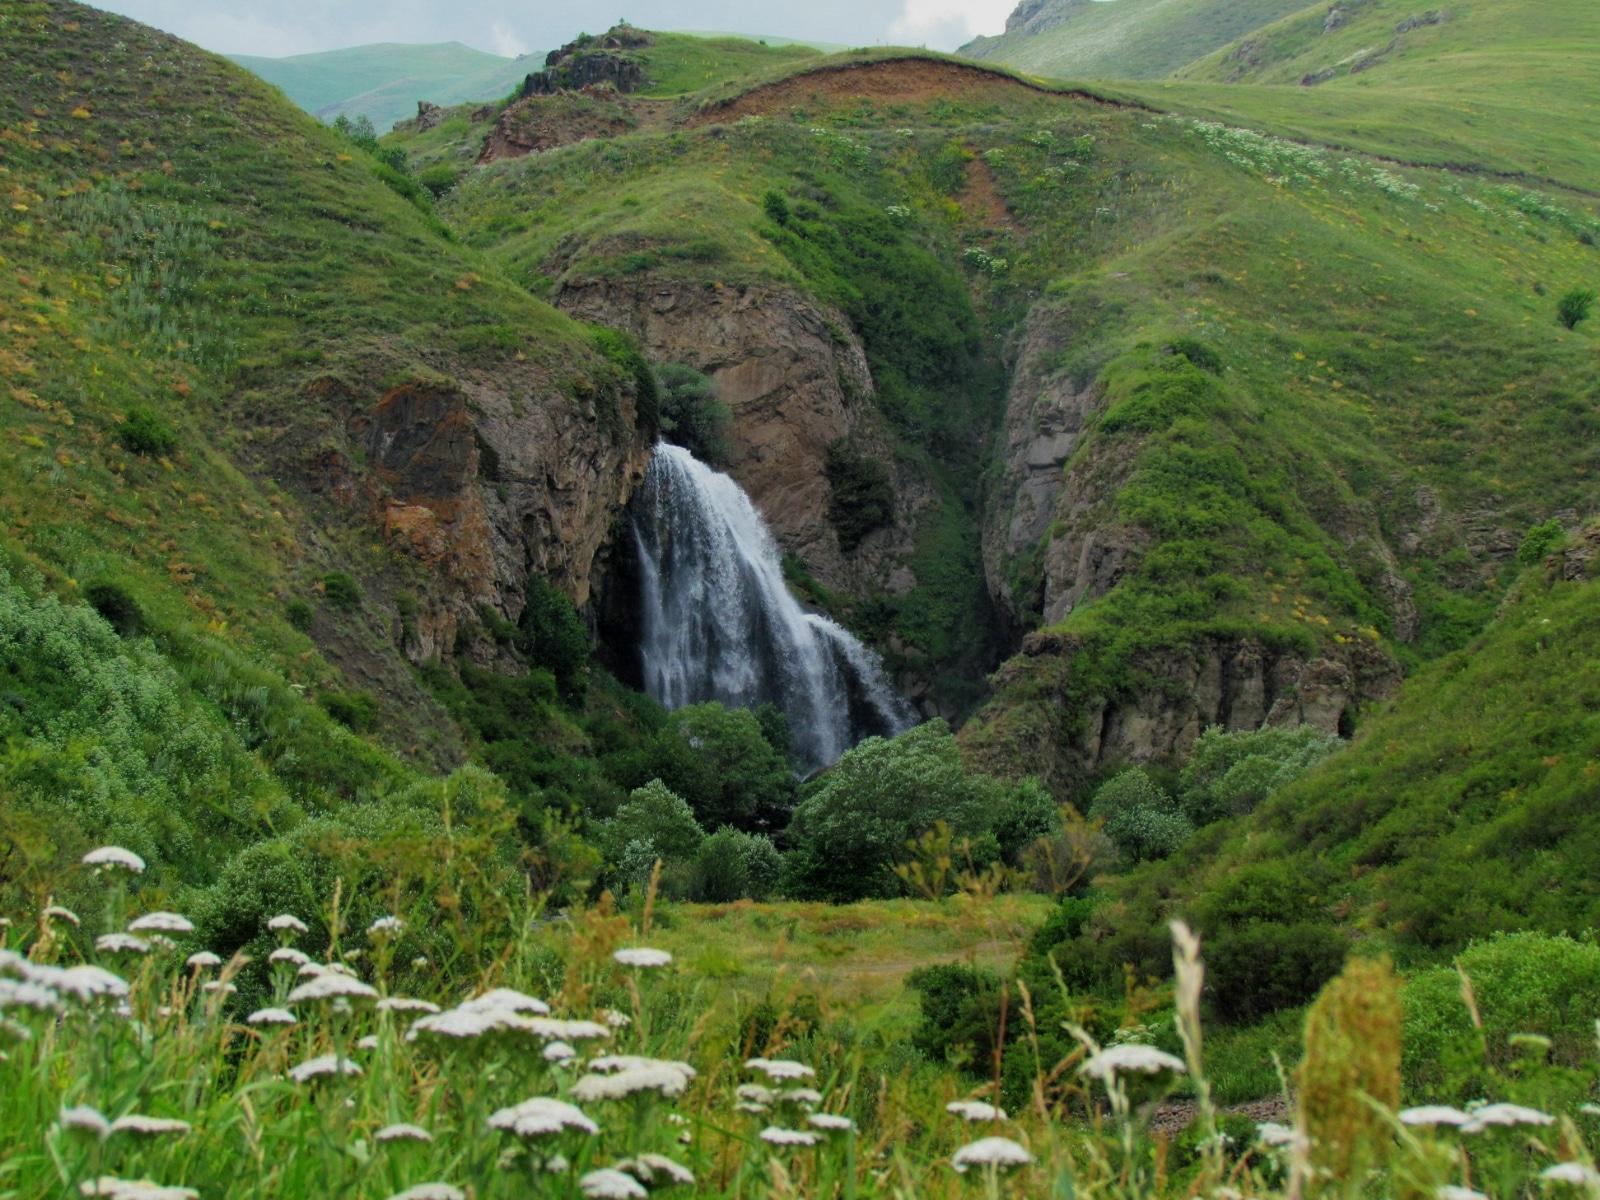 Cascada Trchkan este una din frumusețile naturale ale Armeniei și este cea mai înaltă din această țară. De asemenea, ea este declarată zonă de protecție specială.